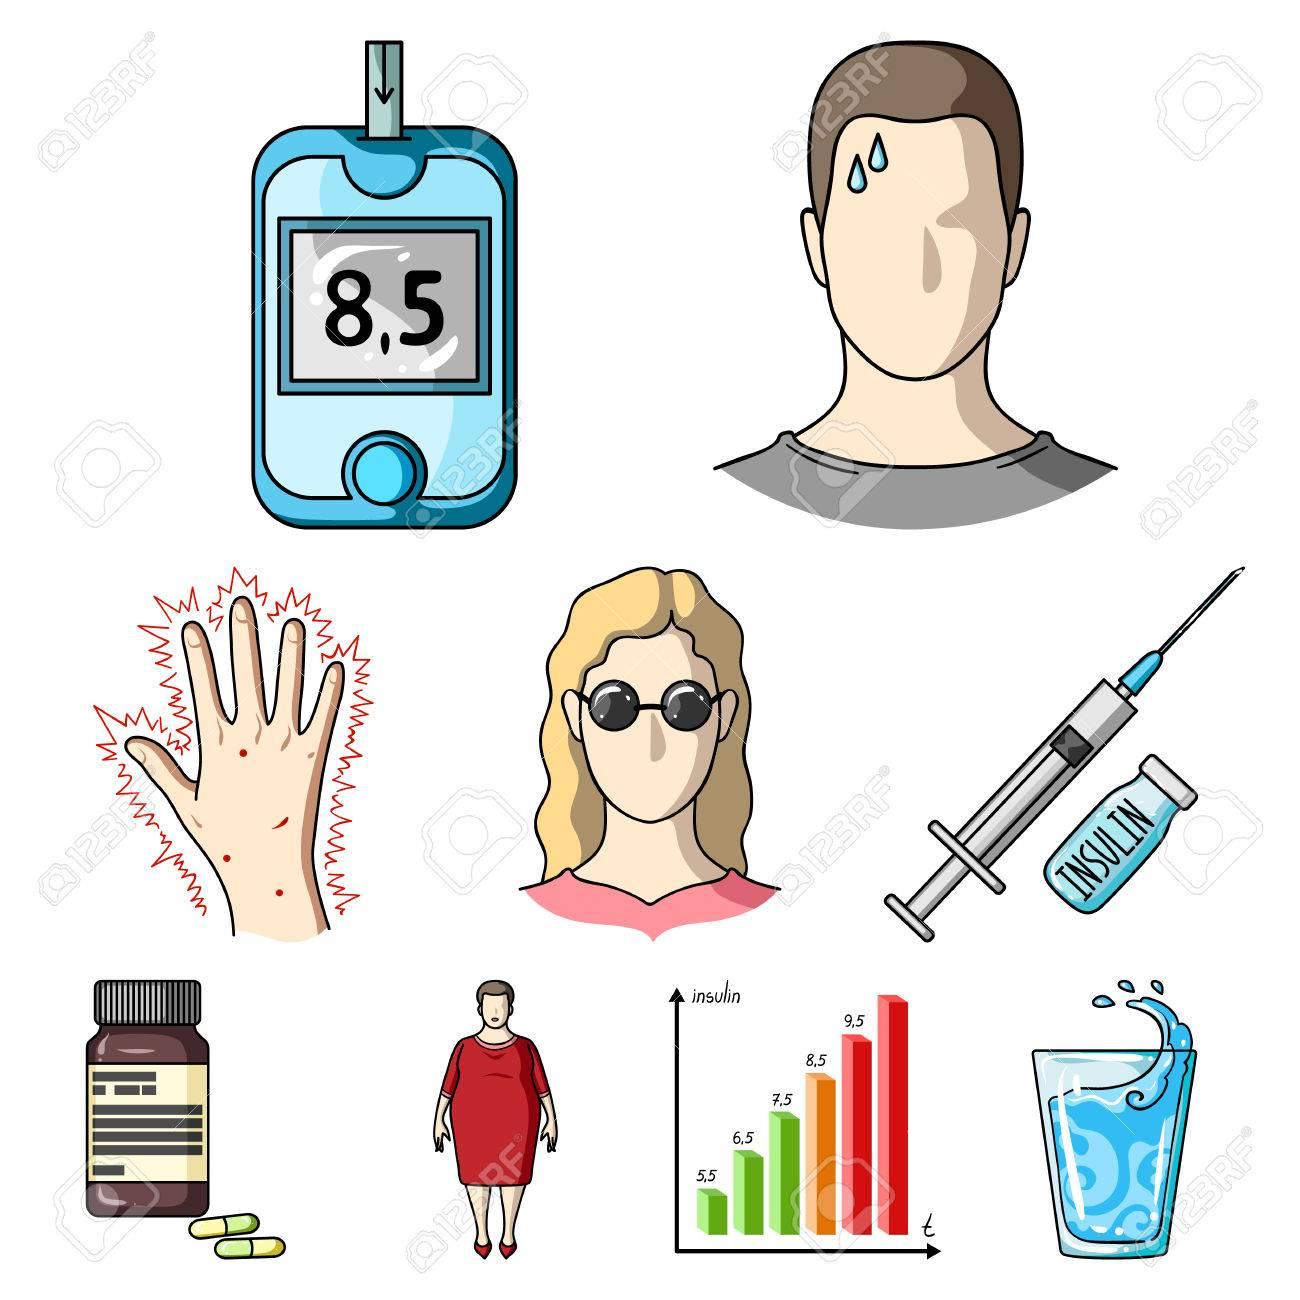 a set of icons about diabetes mellitus symptoms and treatment of rh es 123rf com free diabetes clipart images diabetes clipart pictures